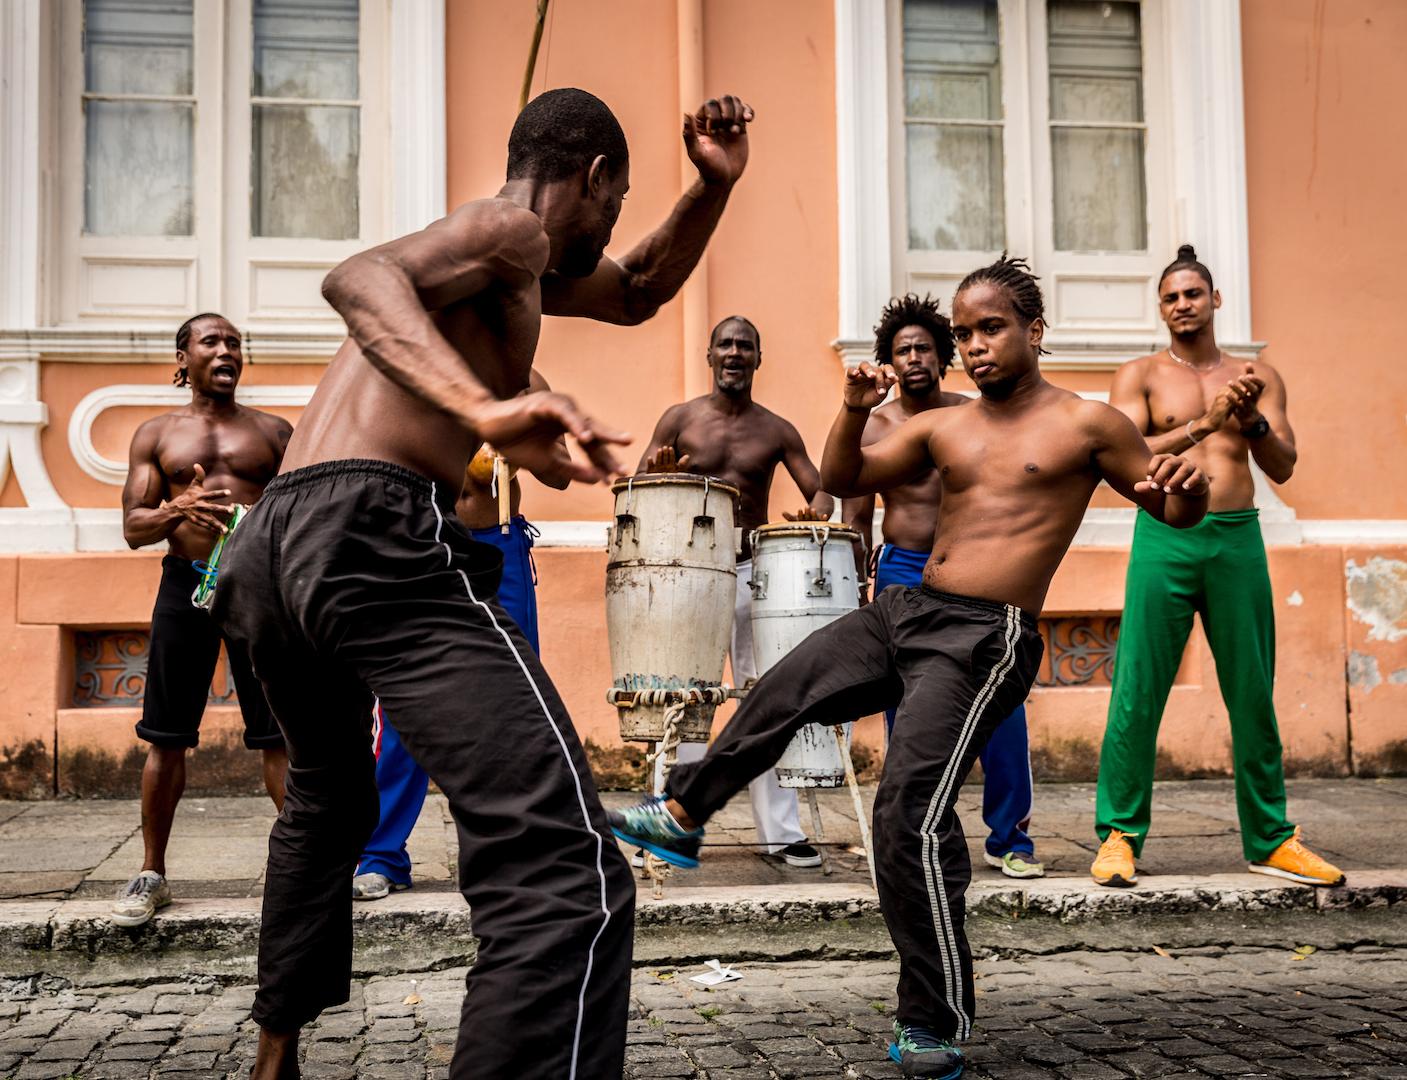 capoeira amn academy 3 steps for better coordination blog